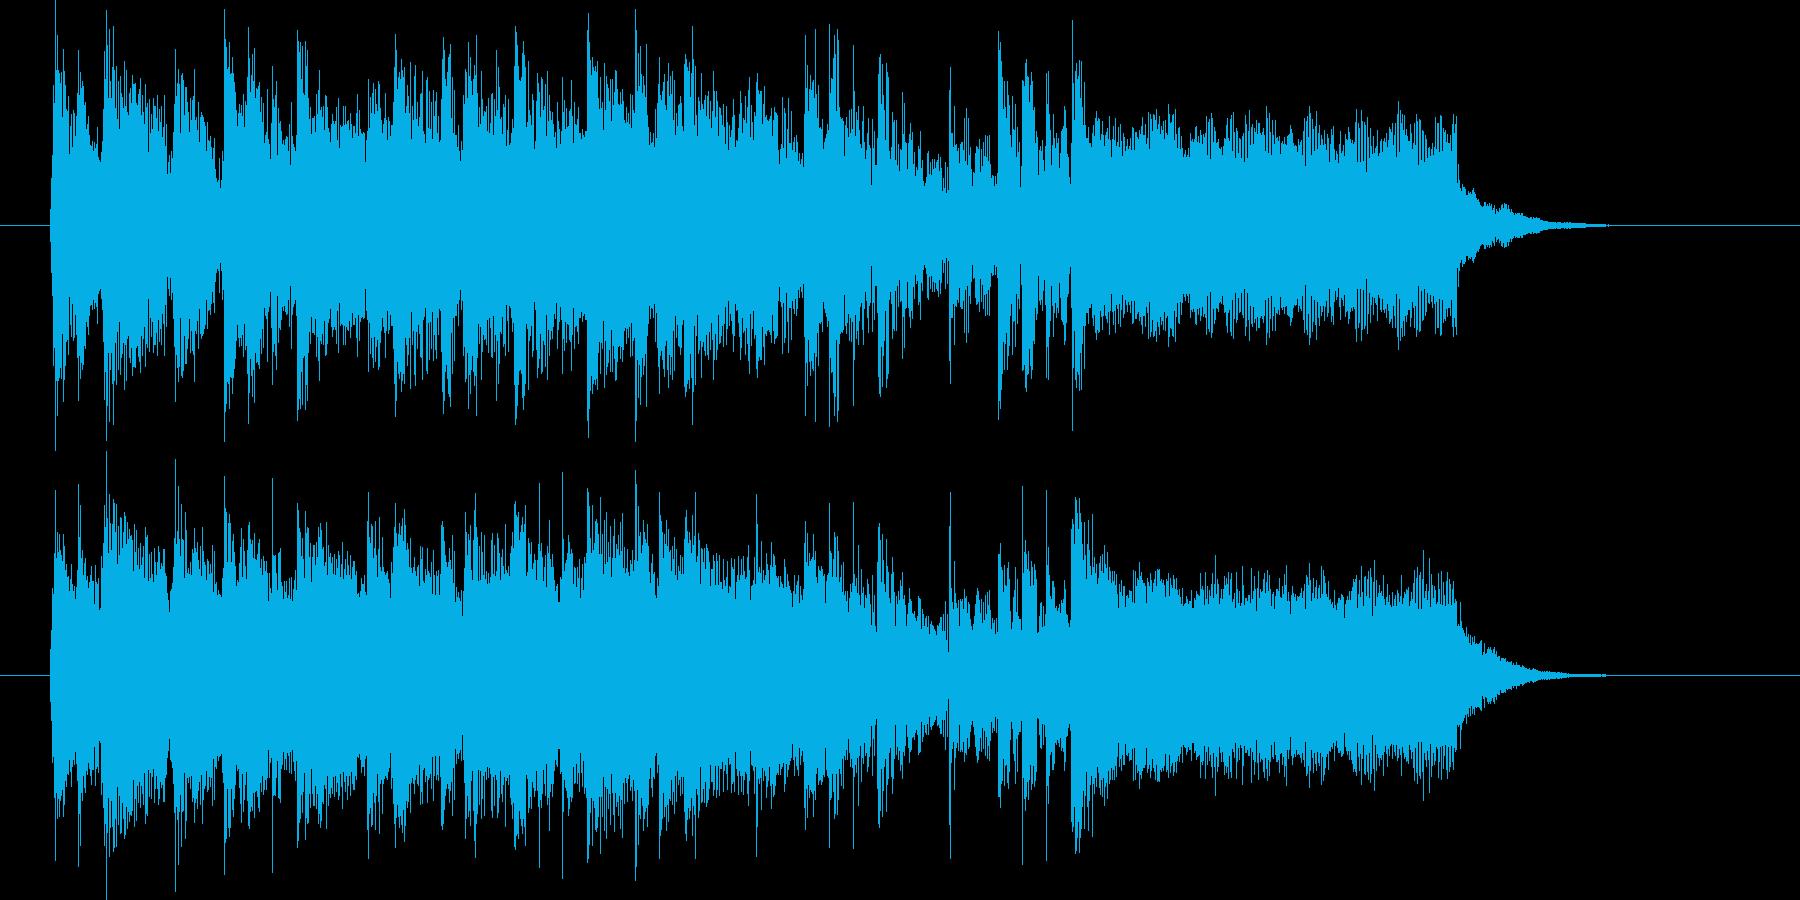 走り抜ける爽快なポップミュージックの再生済みの波形